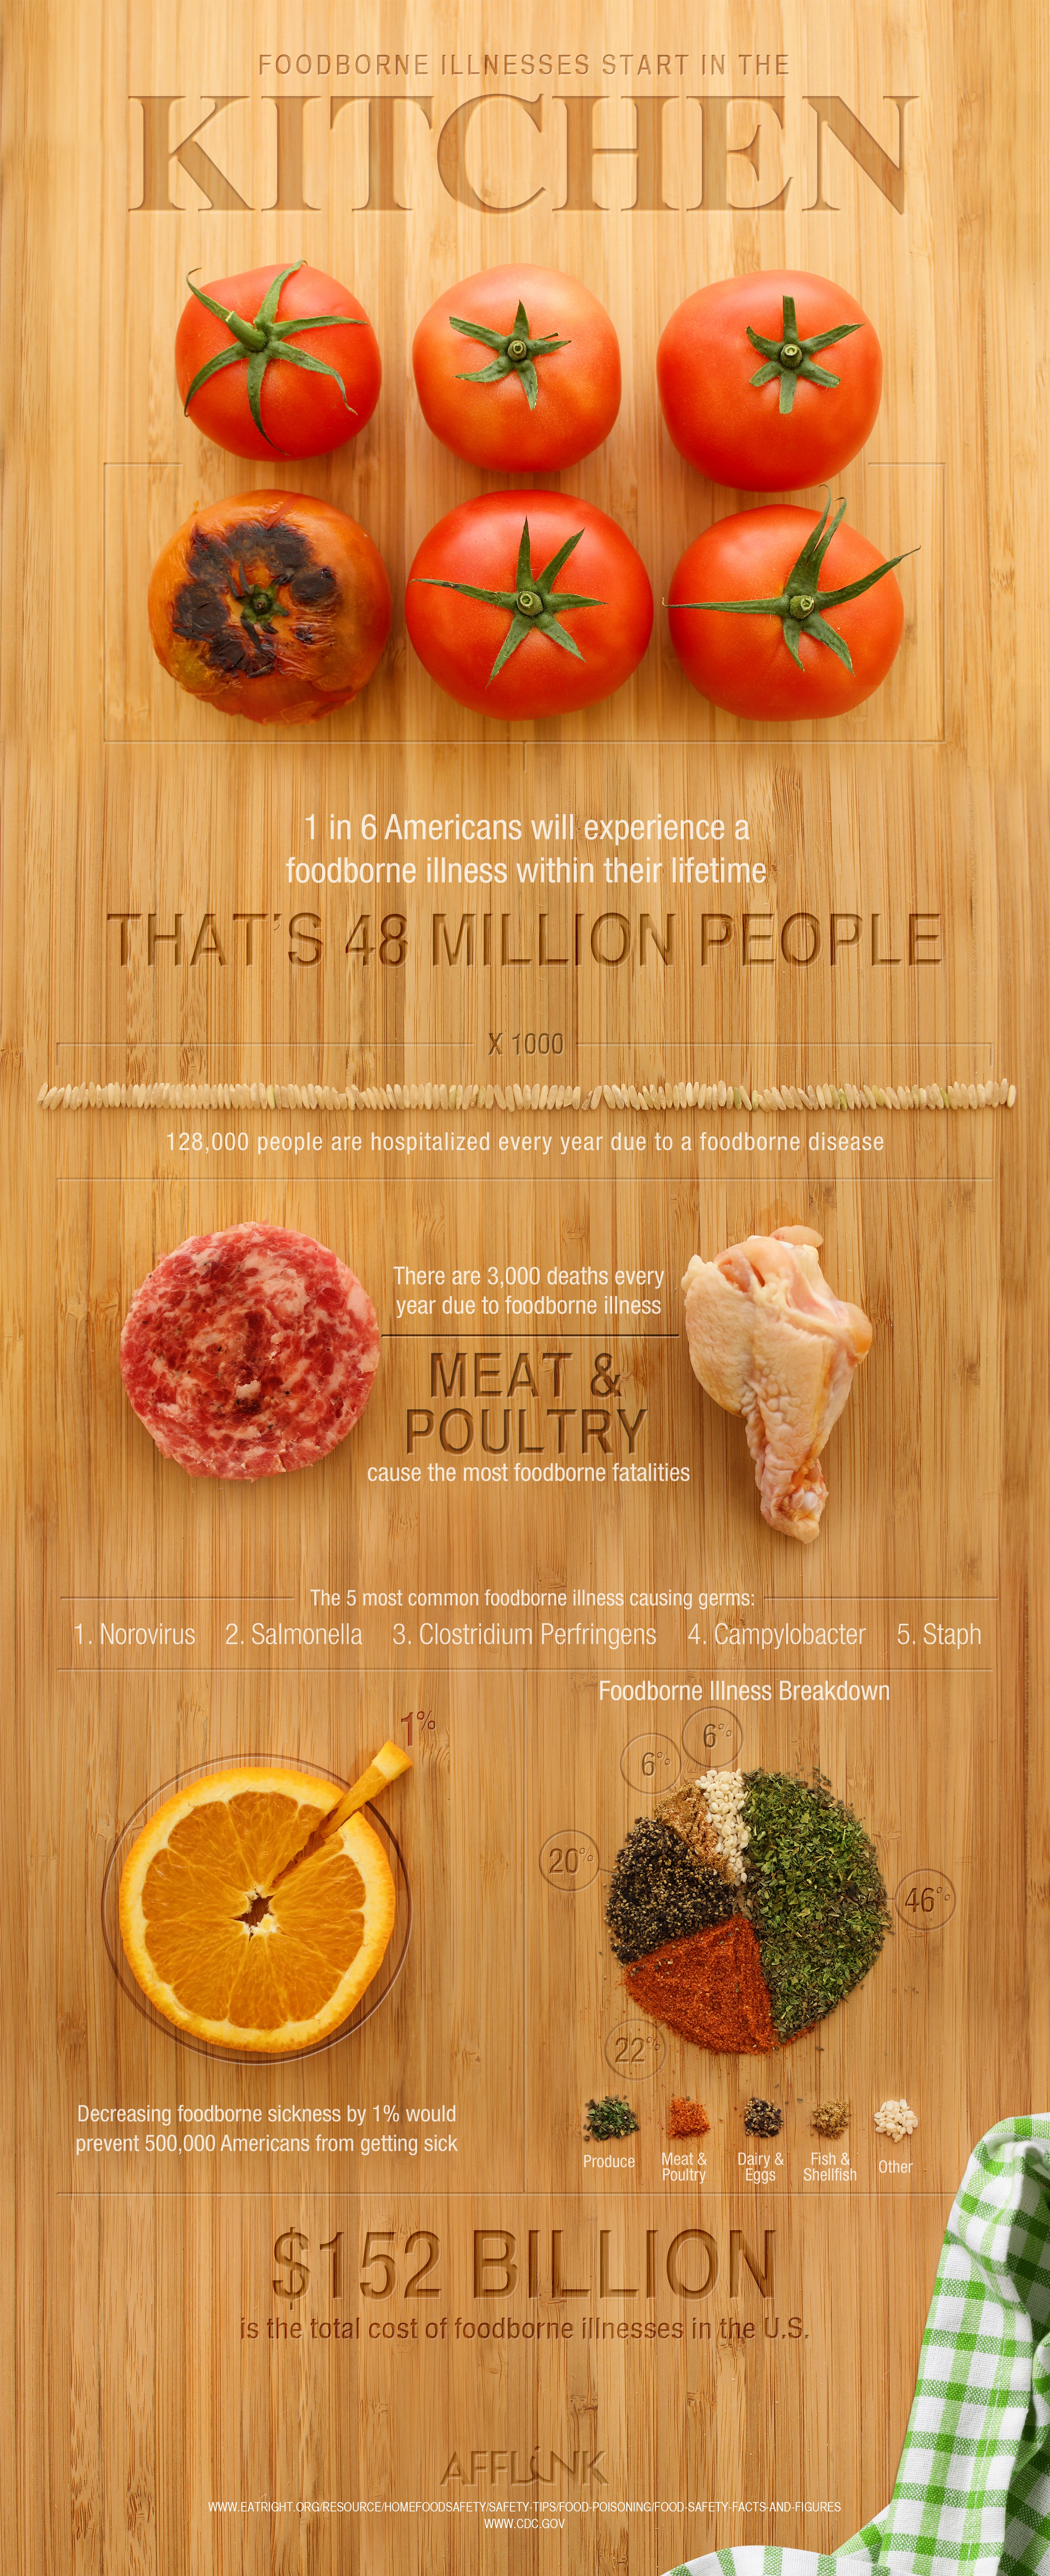 Foodborne-Illness-Starts-in-The-Kitchen.jpg